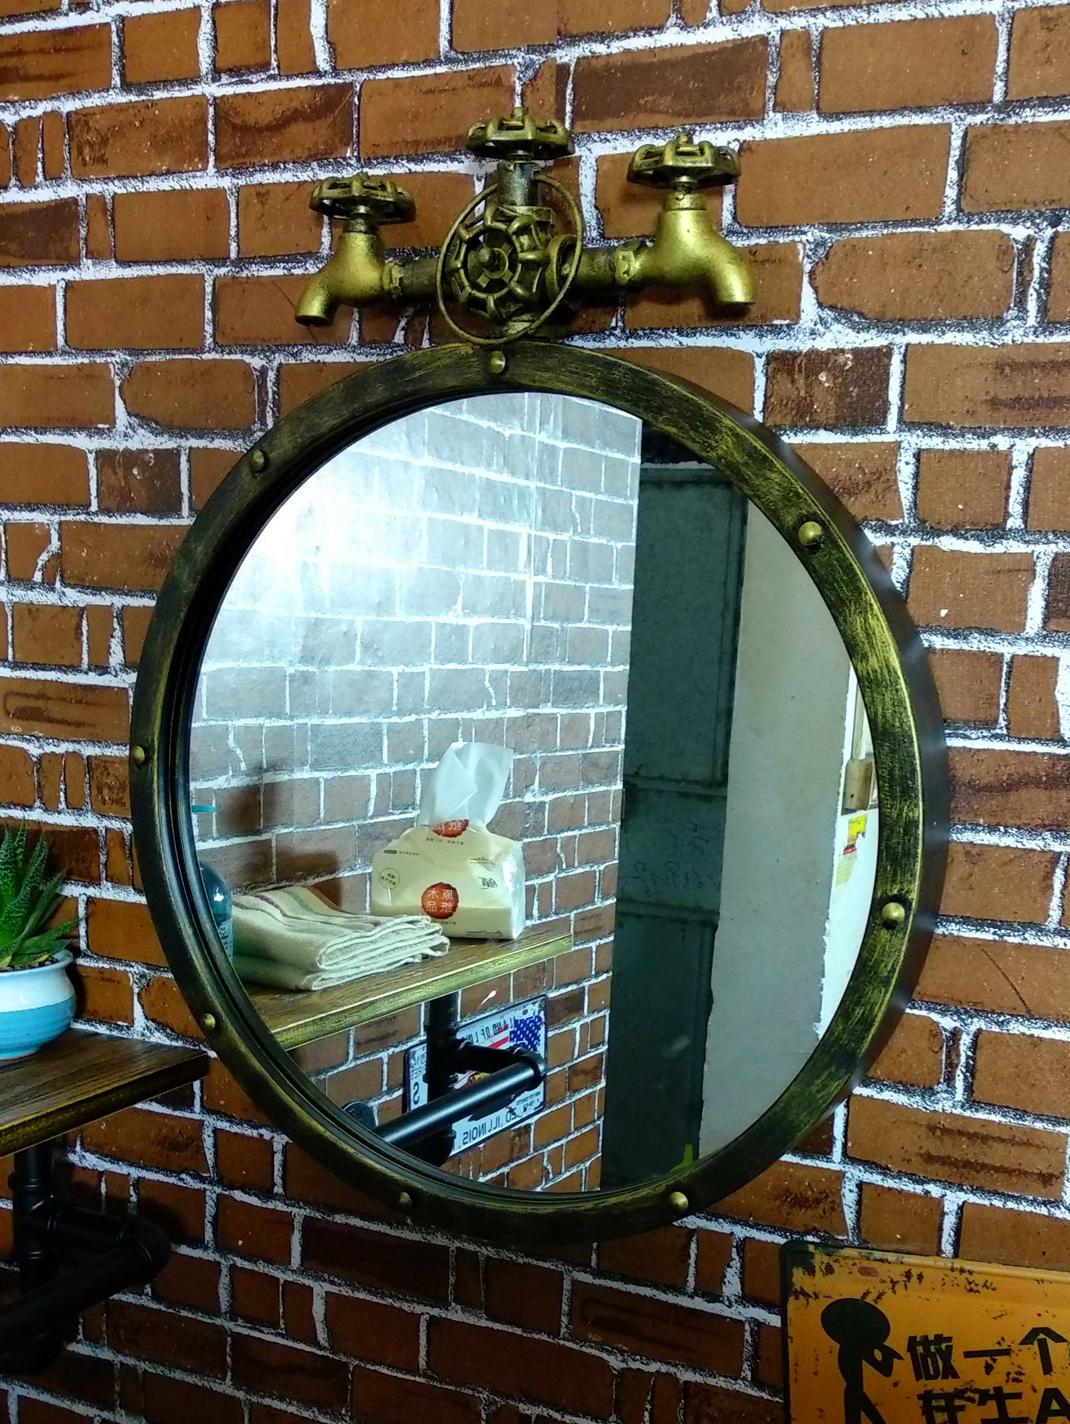 美式铁艺浴室复古工业风墙壁做旧酒吧装饰镜子餐厅洗手间圆形挂镜